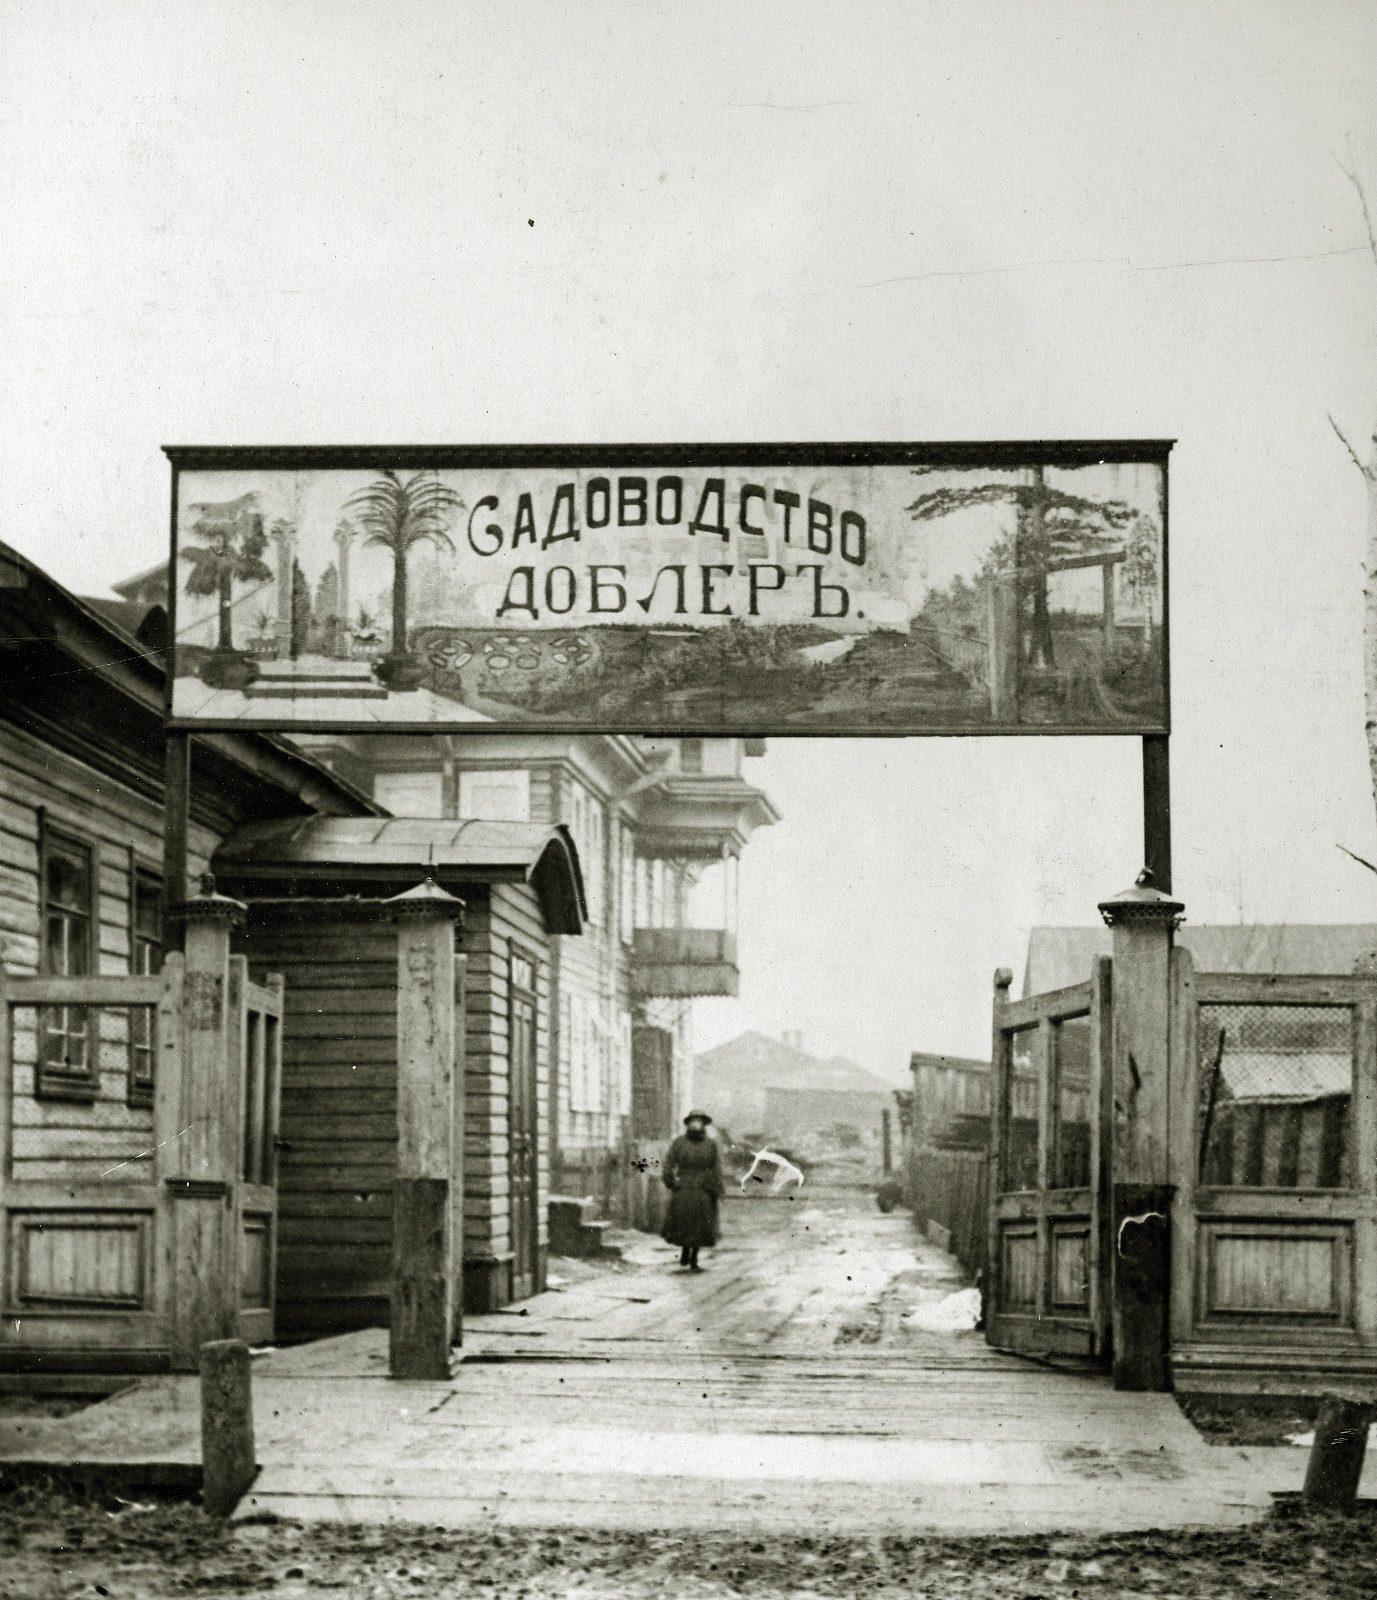 Garden Nursery Dobler. Arkhangelsk (Archangel) during revolution and civil war 1918-1919